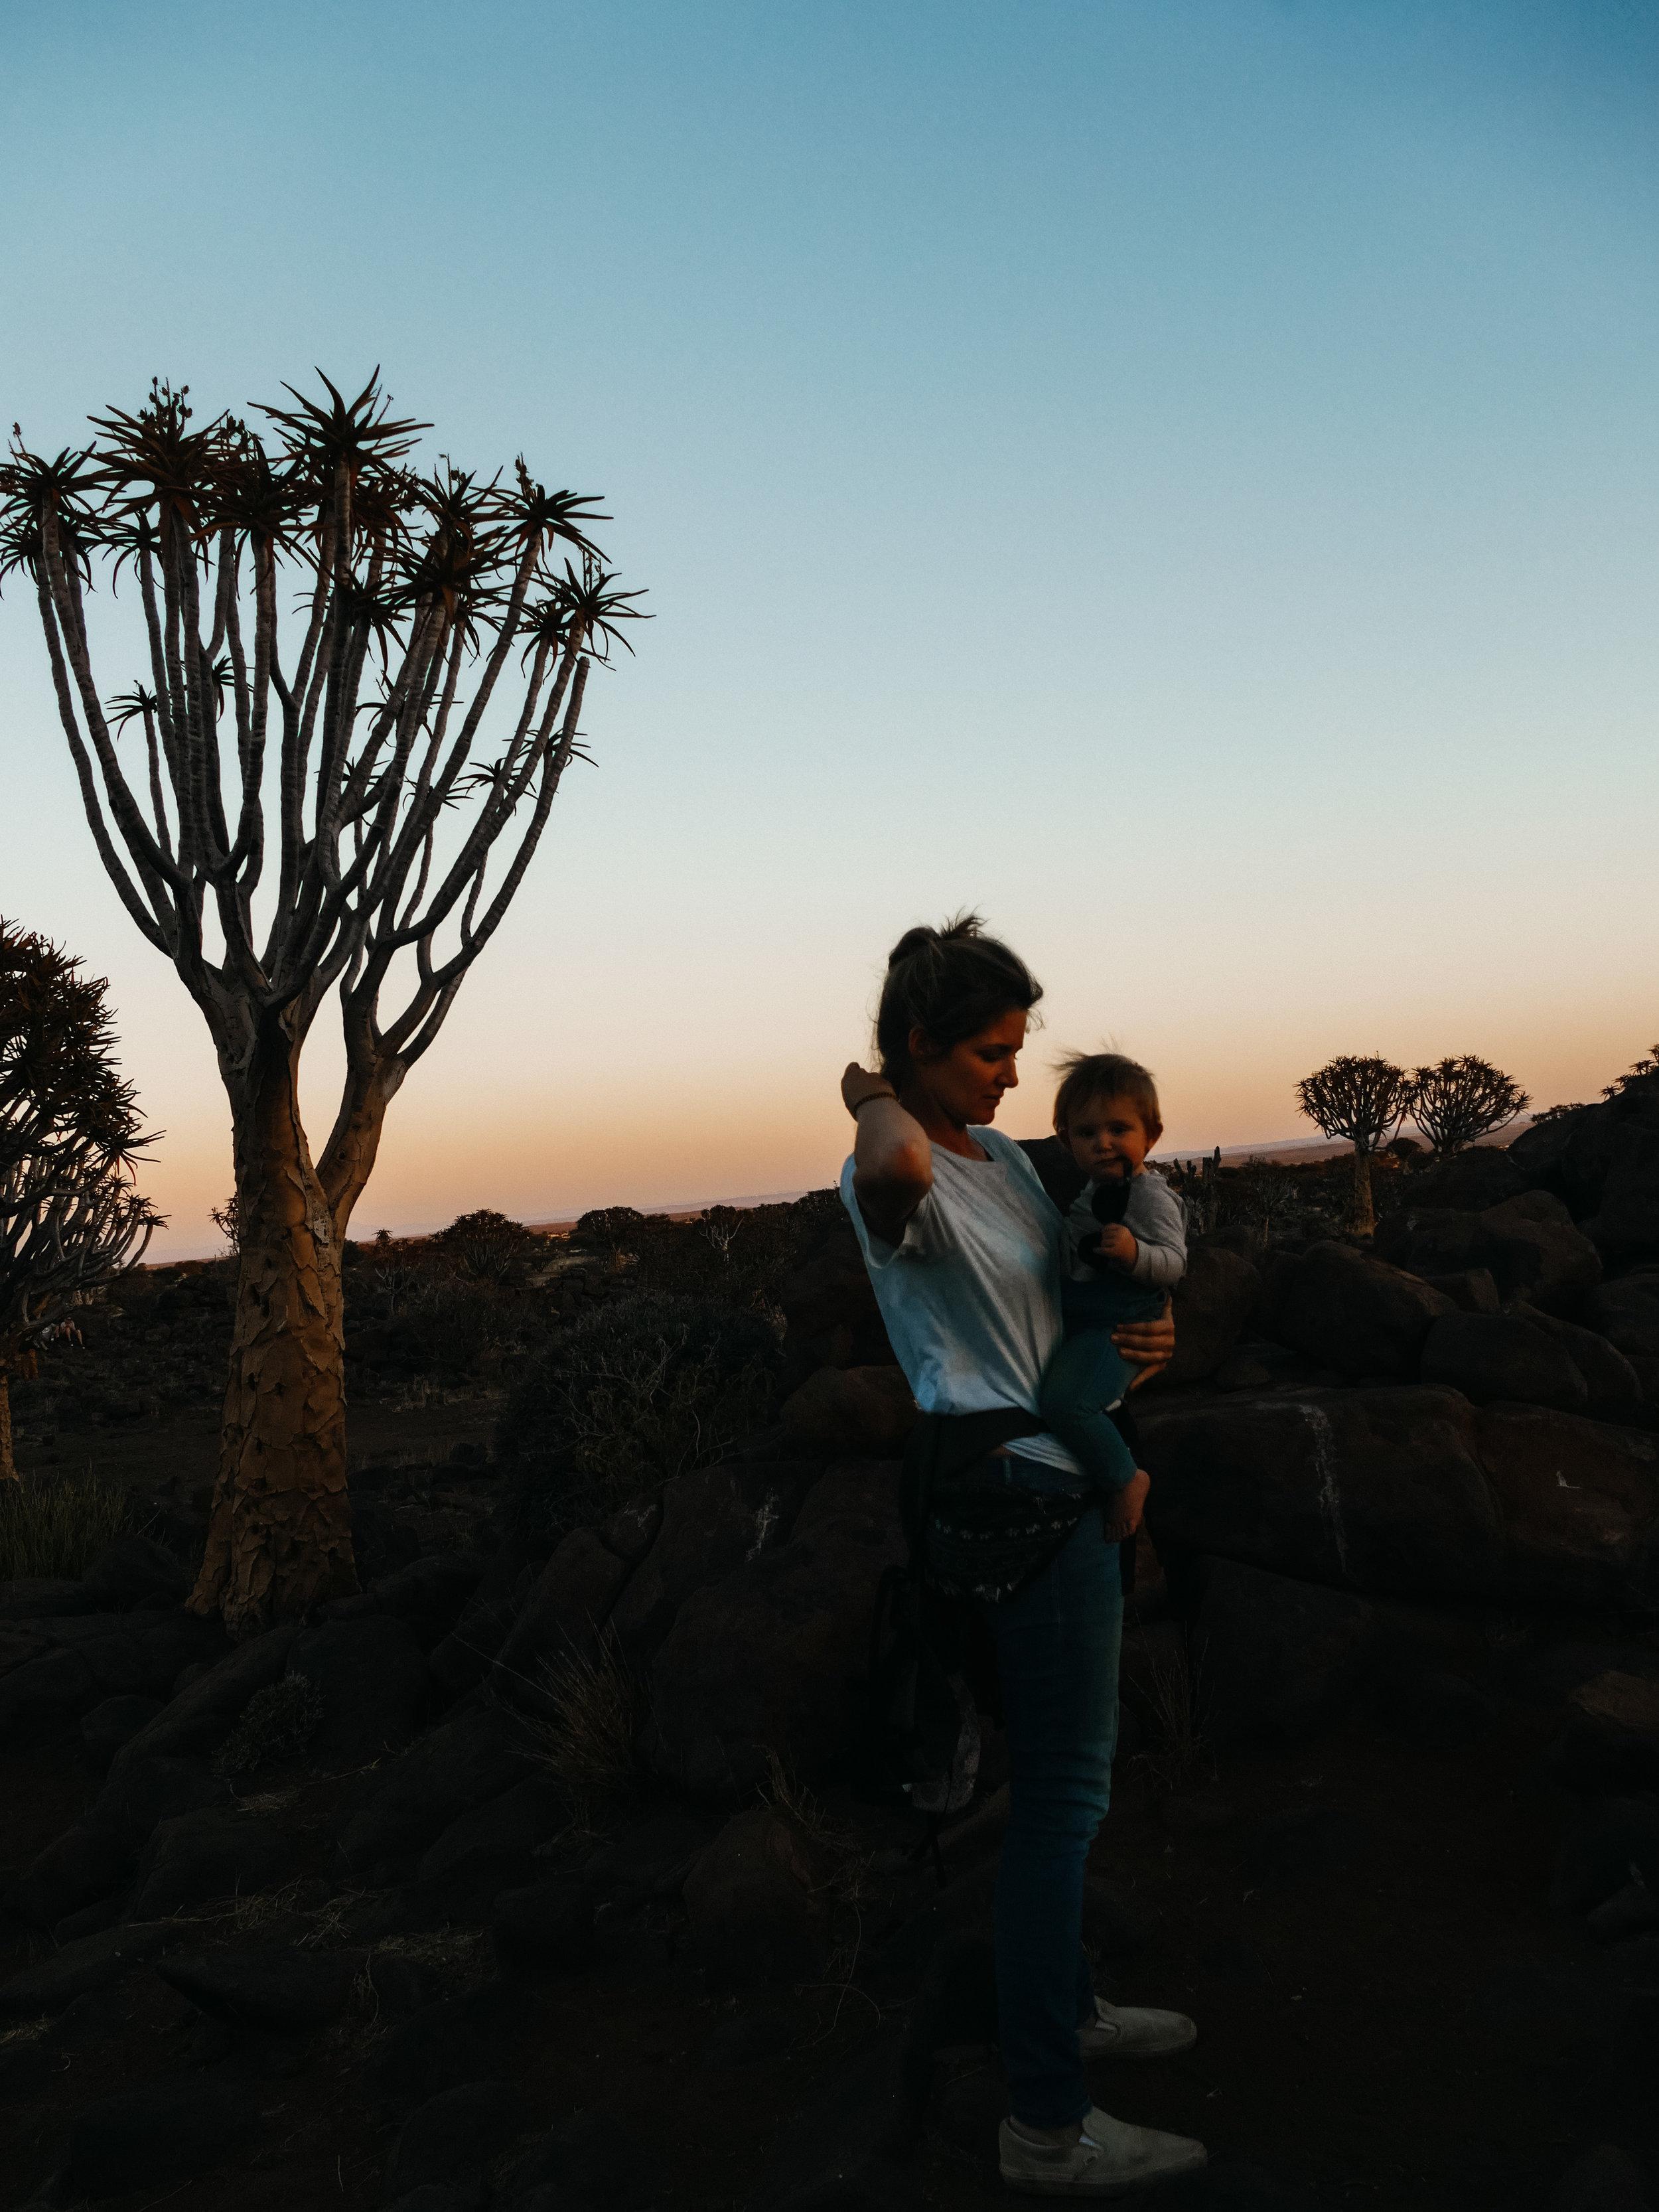 namibia-222-2.jpg